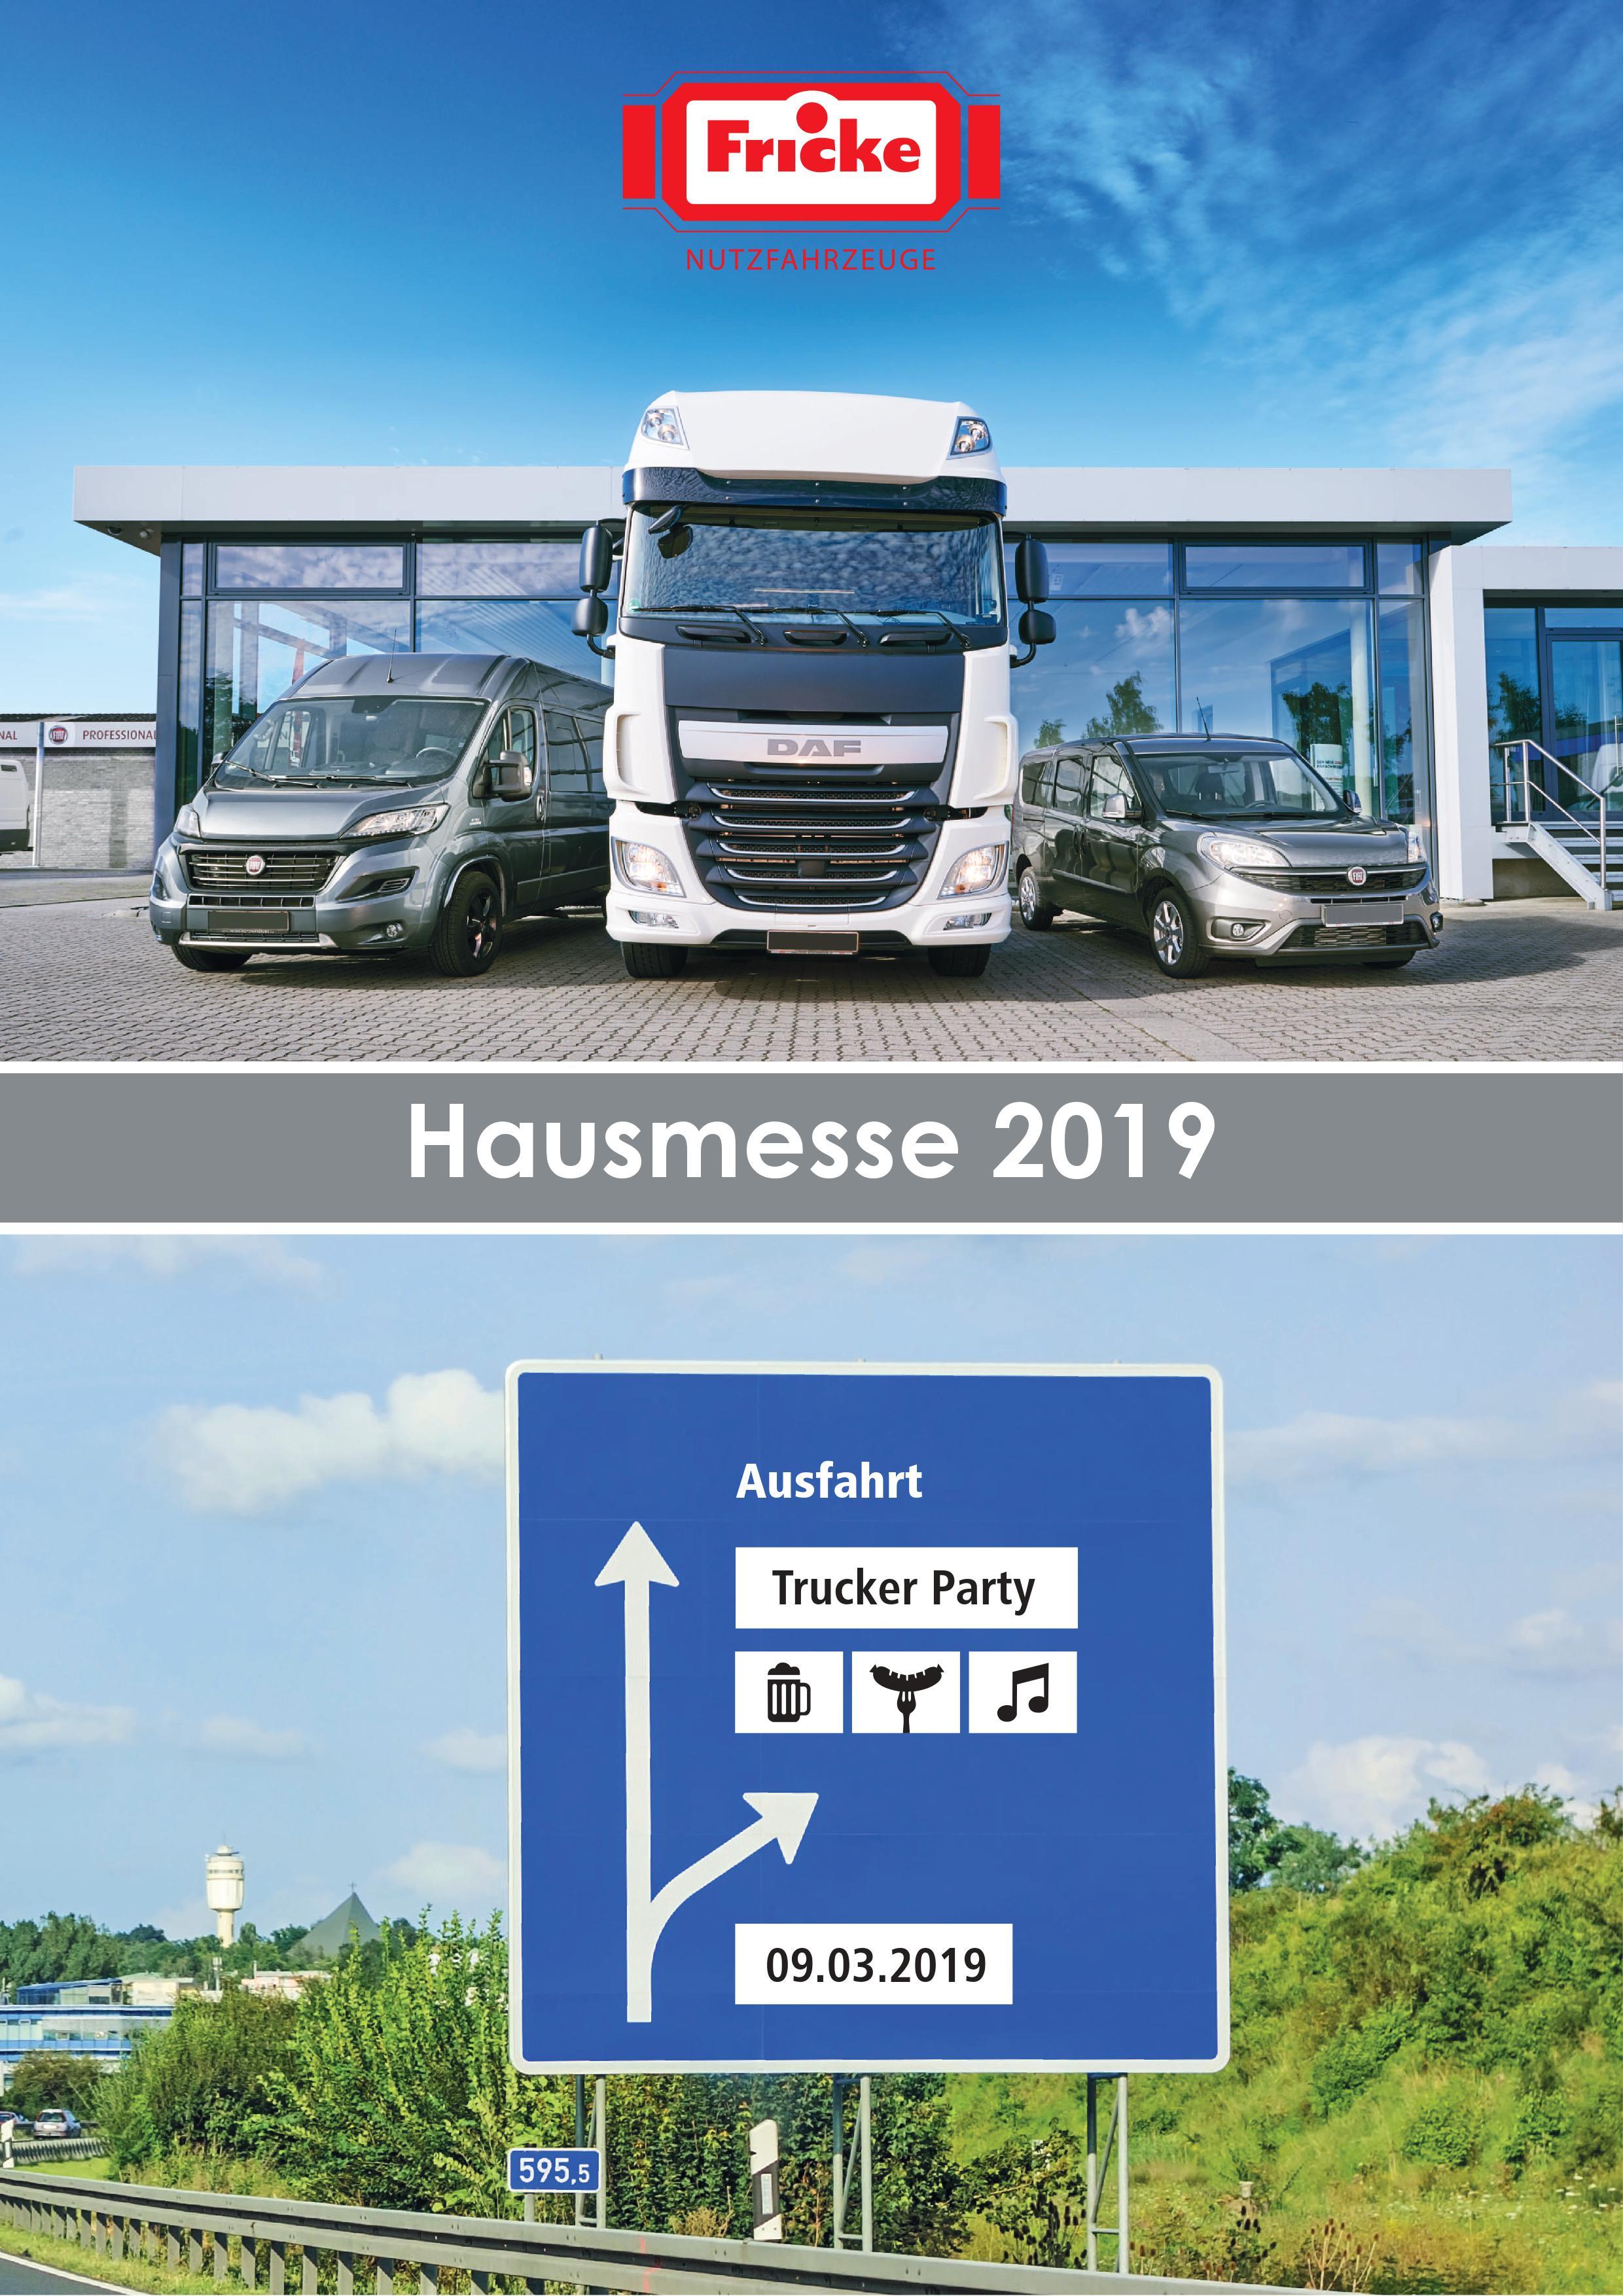 Hausmesse zur Heeslinger Landmaschinenschau 09./10.03.2019